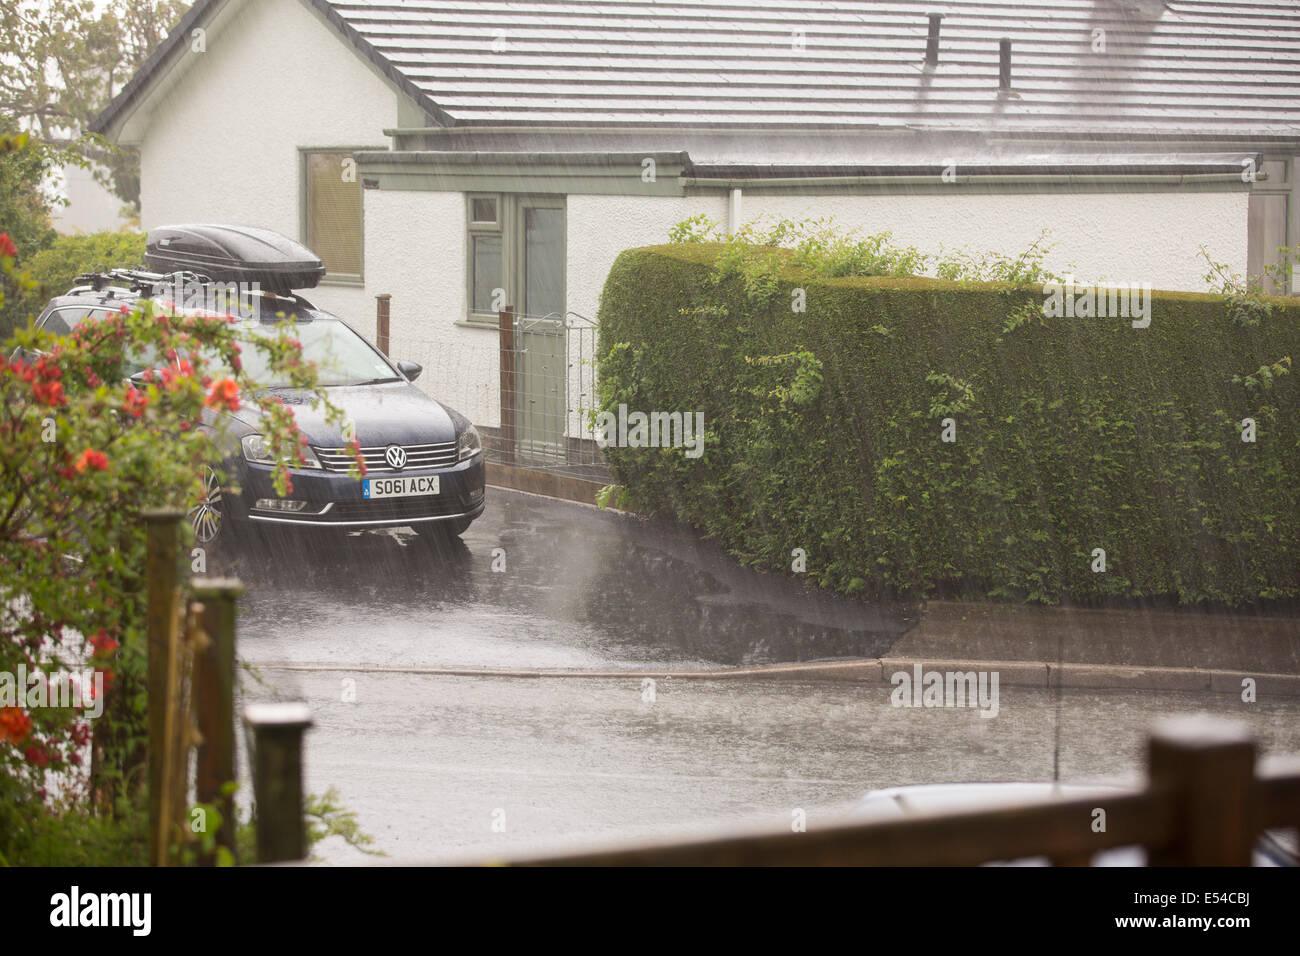 Lluvias torrenciales en Ambleside, Lake District, en el Reino Unido. Imagen De Stock